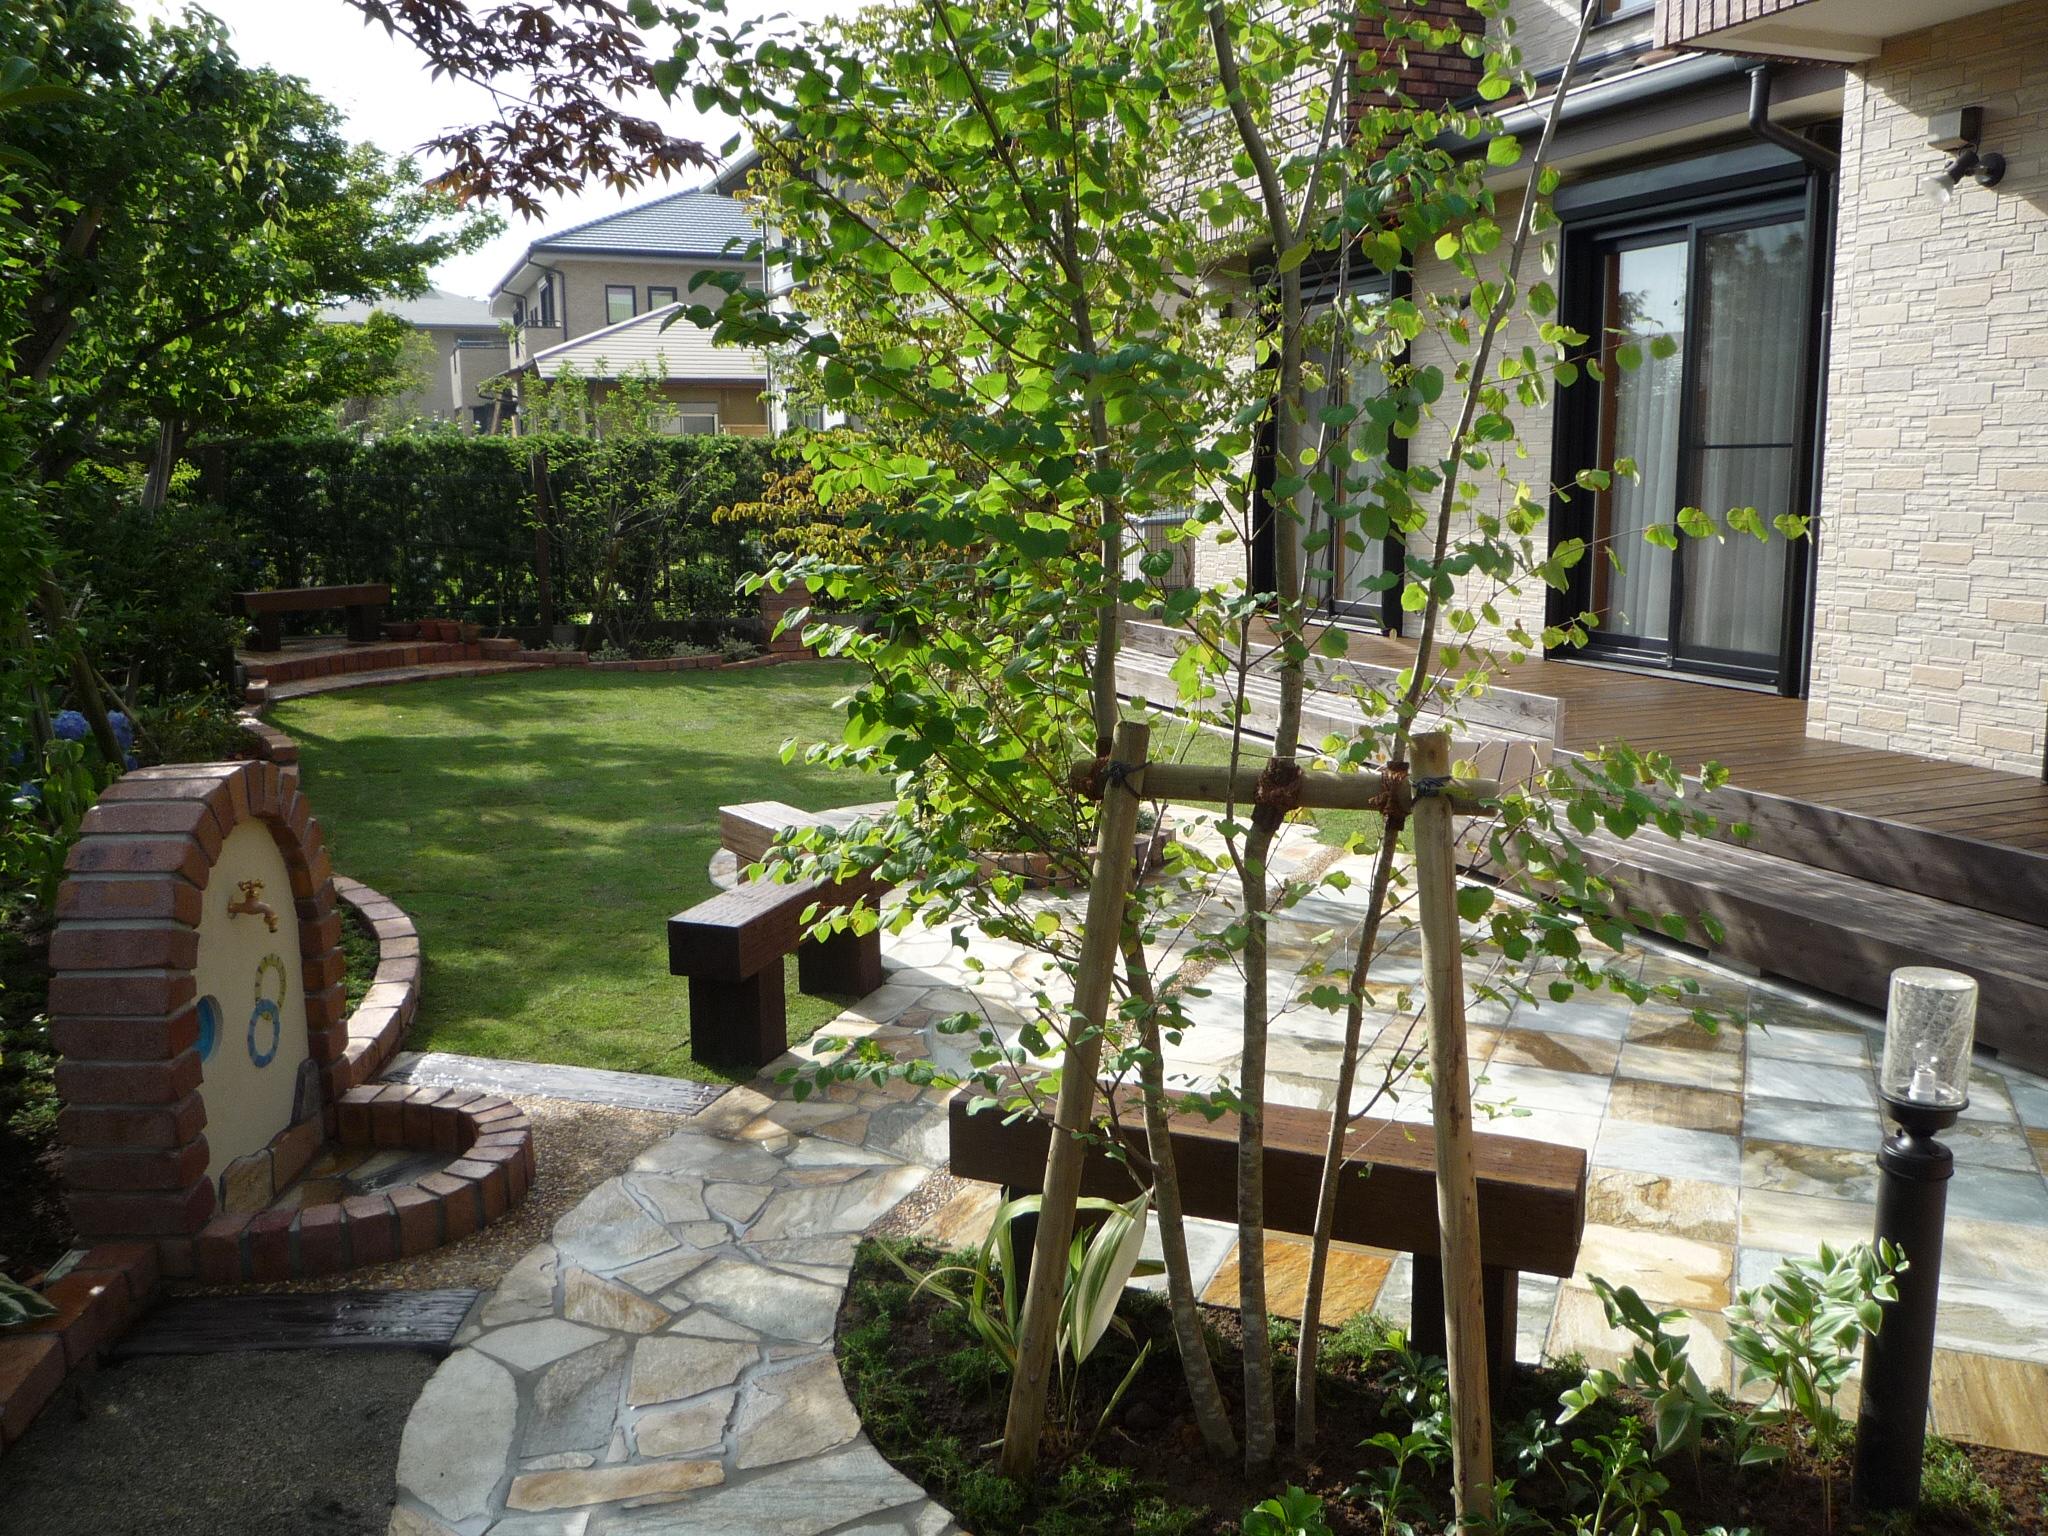 石貼りのテラスに枕木のベンチ、大きな木の木陰が快適空間